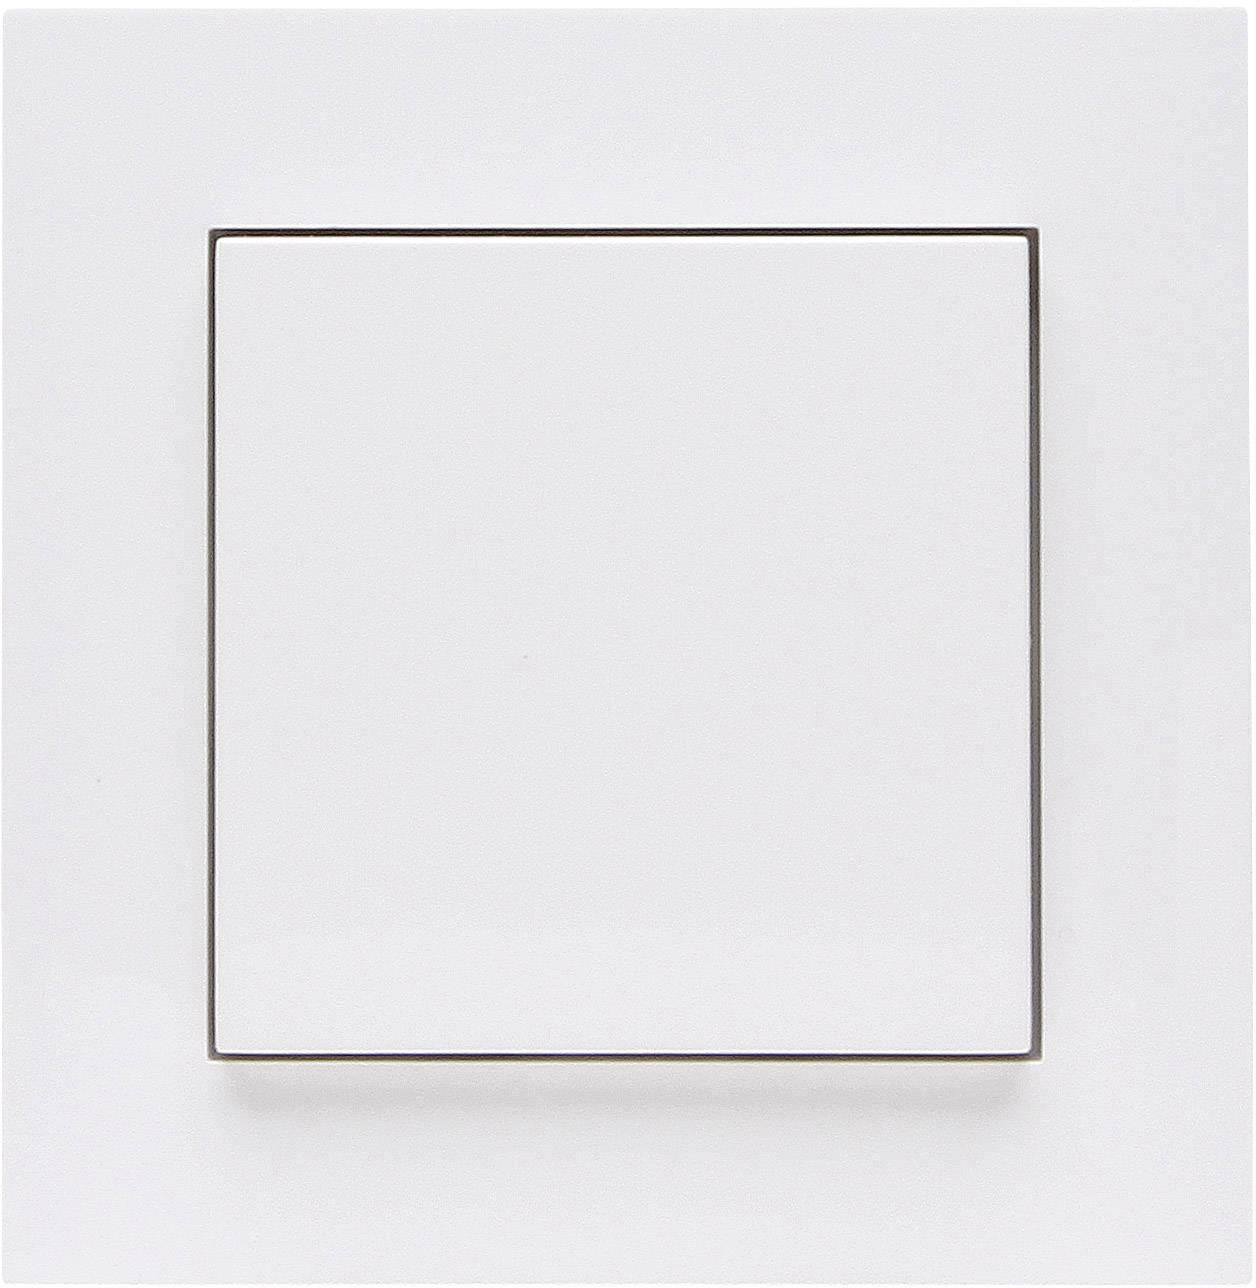 Bezdrôtový nástenný spínač Free Control RC ATHENIS 1/2 822902023, 2-kanálový, čisto biela